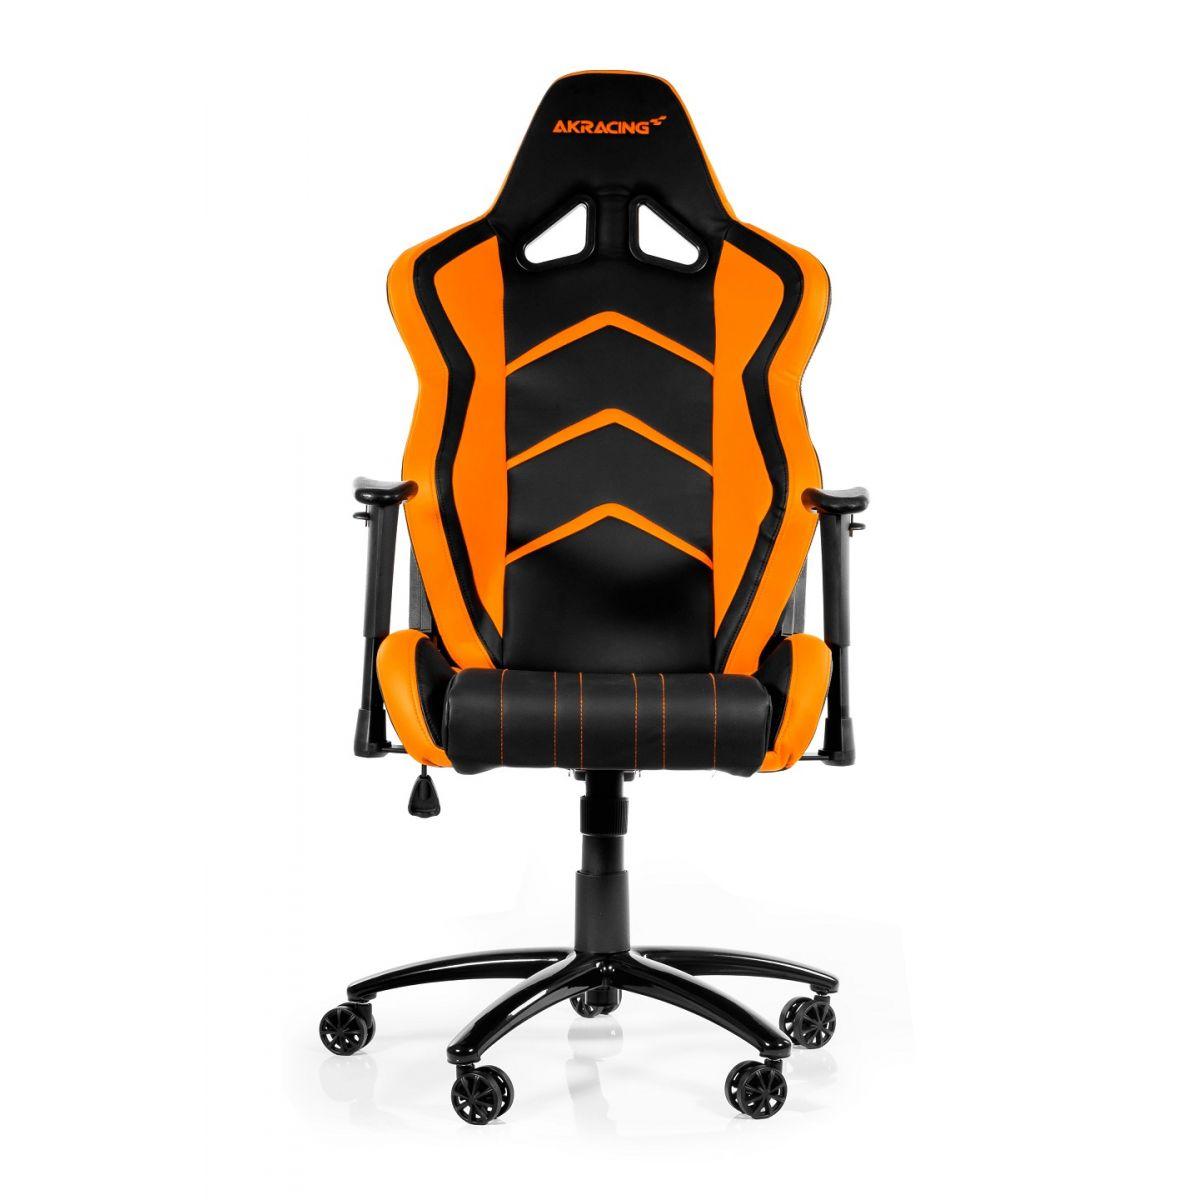 Cadeira AKRacing Player Gaming Black/Orange AK-K6014-BO - AKRacing